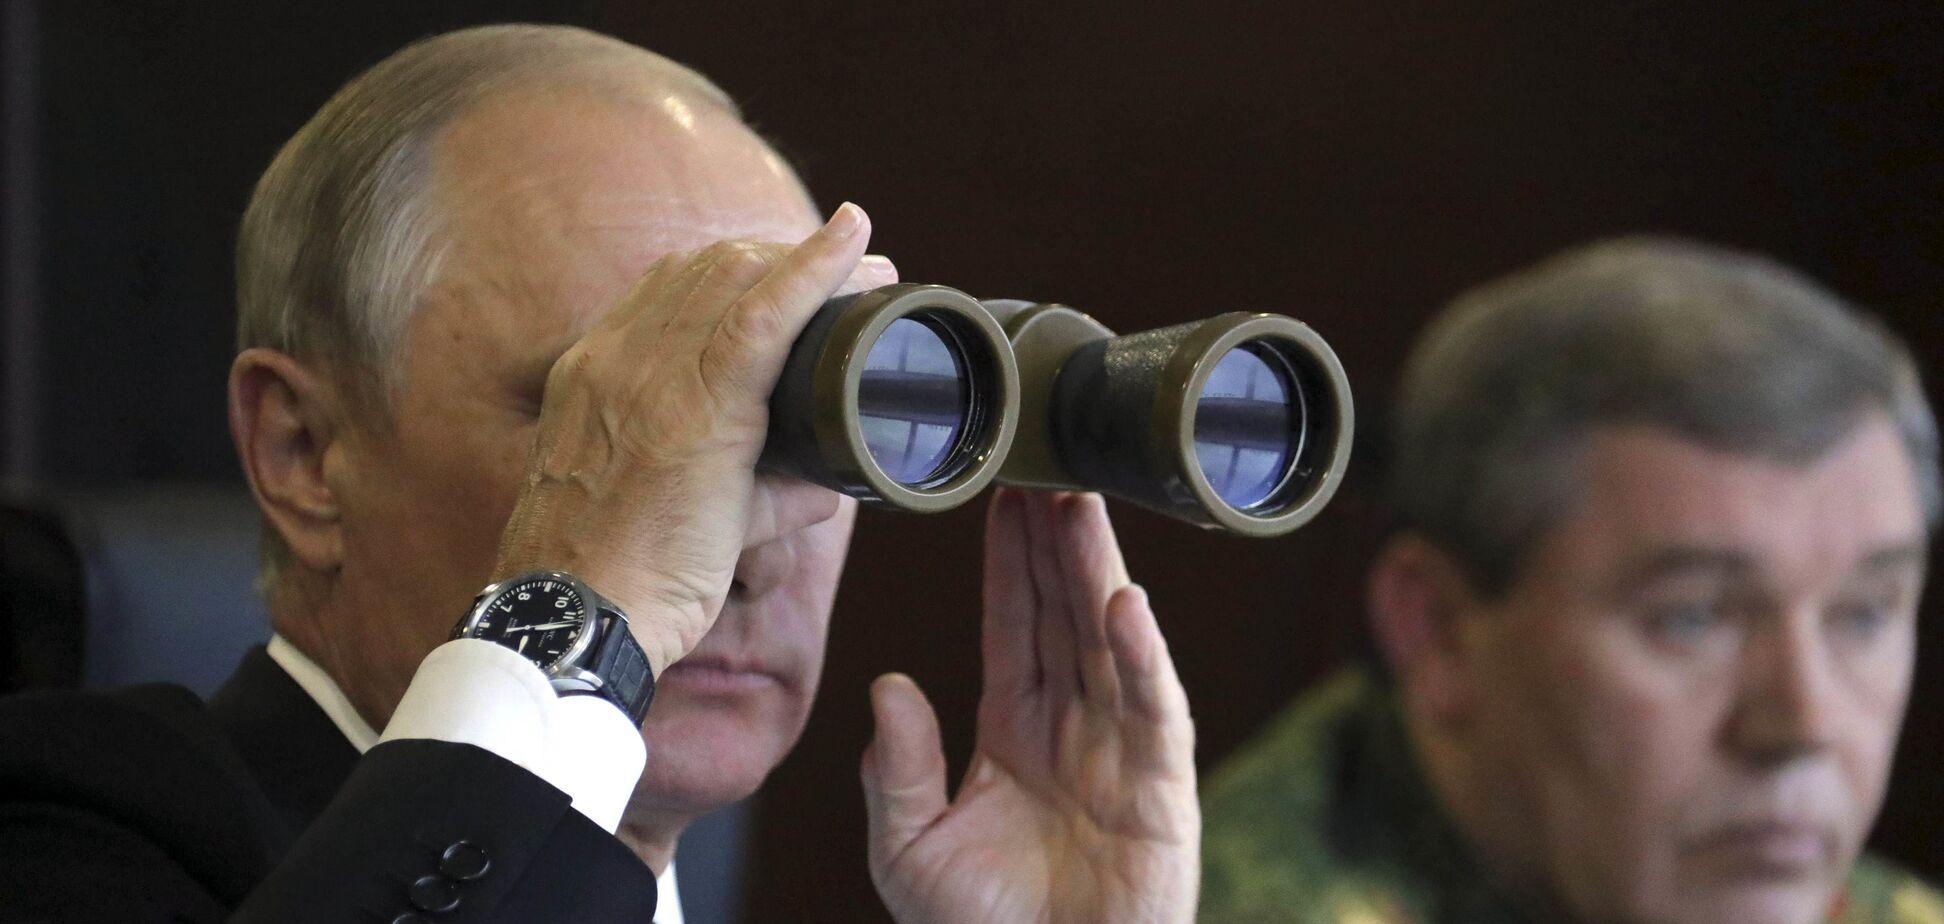 Жданов рассказал, какой проигрыш будет для Путина фатальным